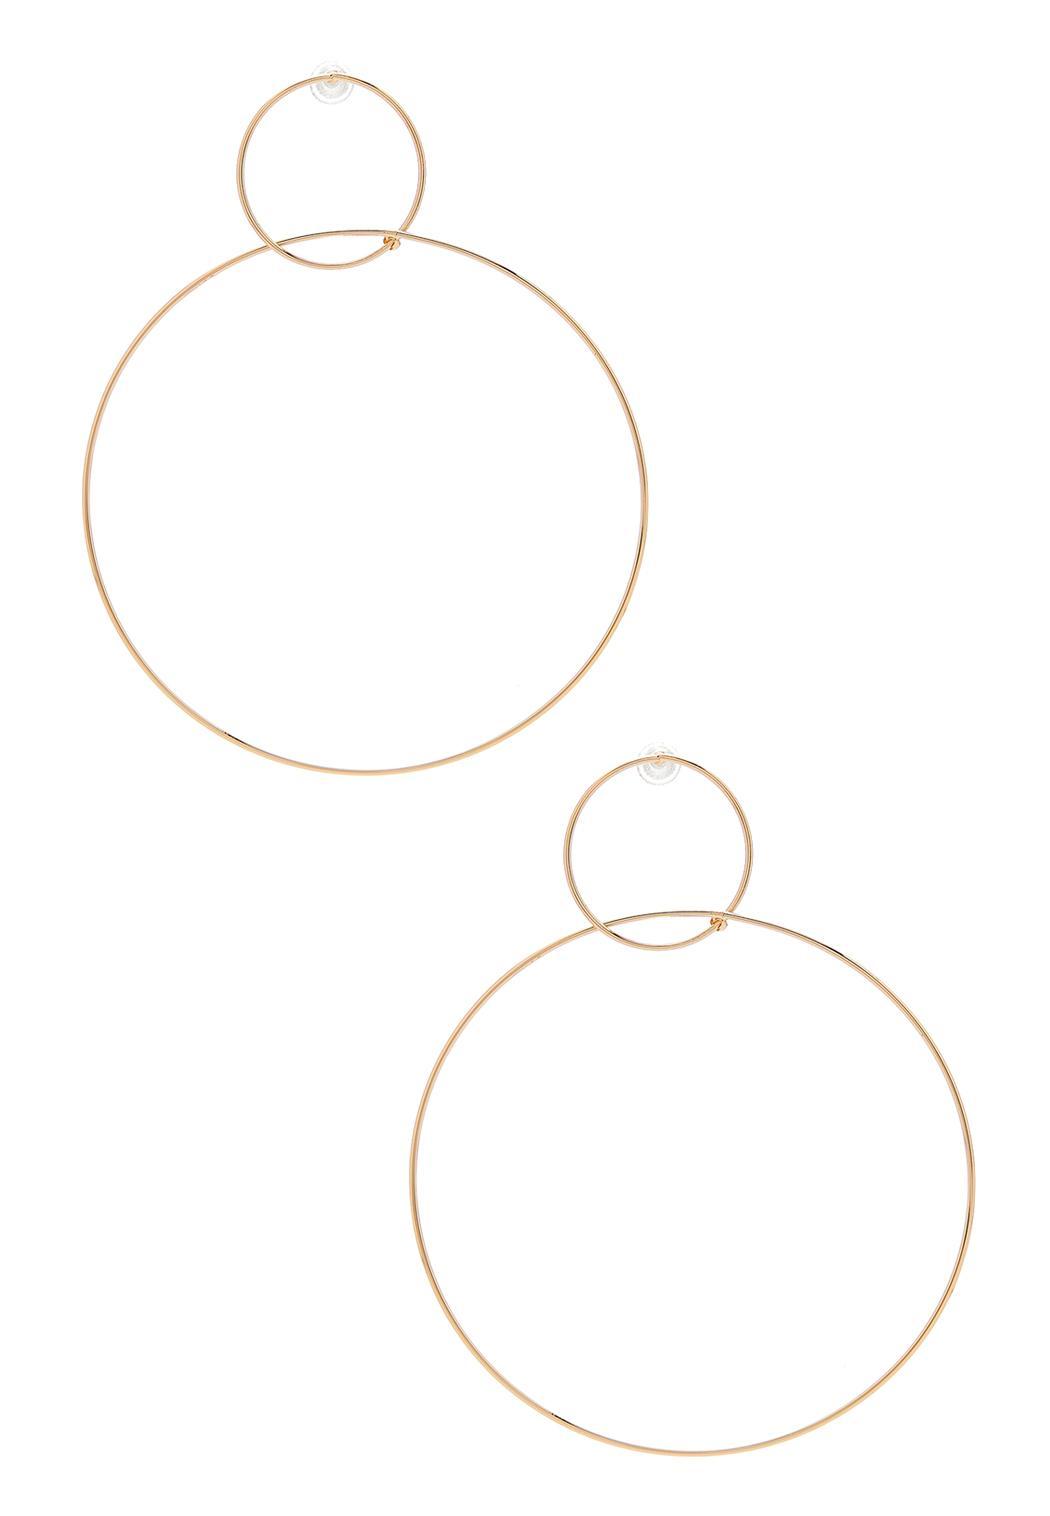 Delicate Linked Hoop Earrings